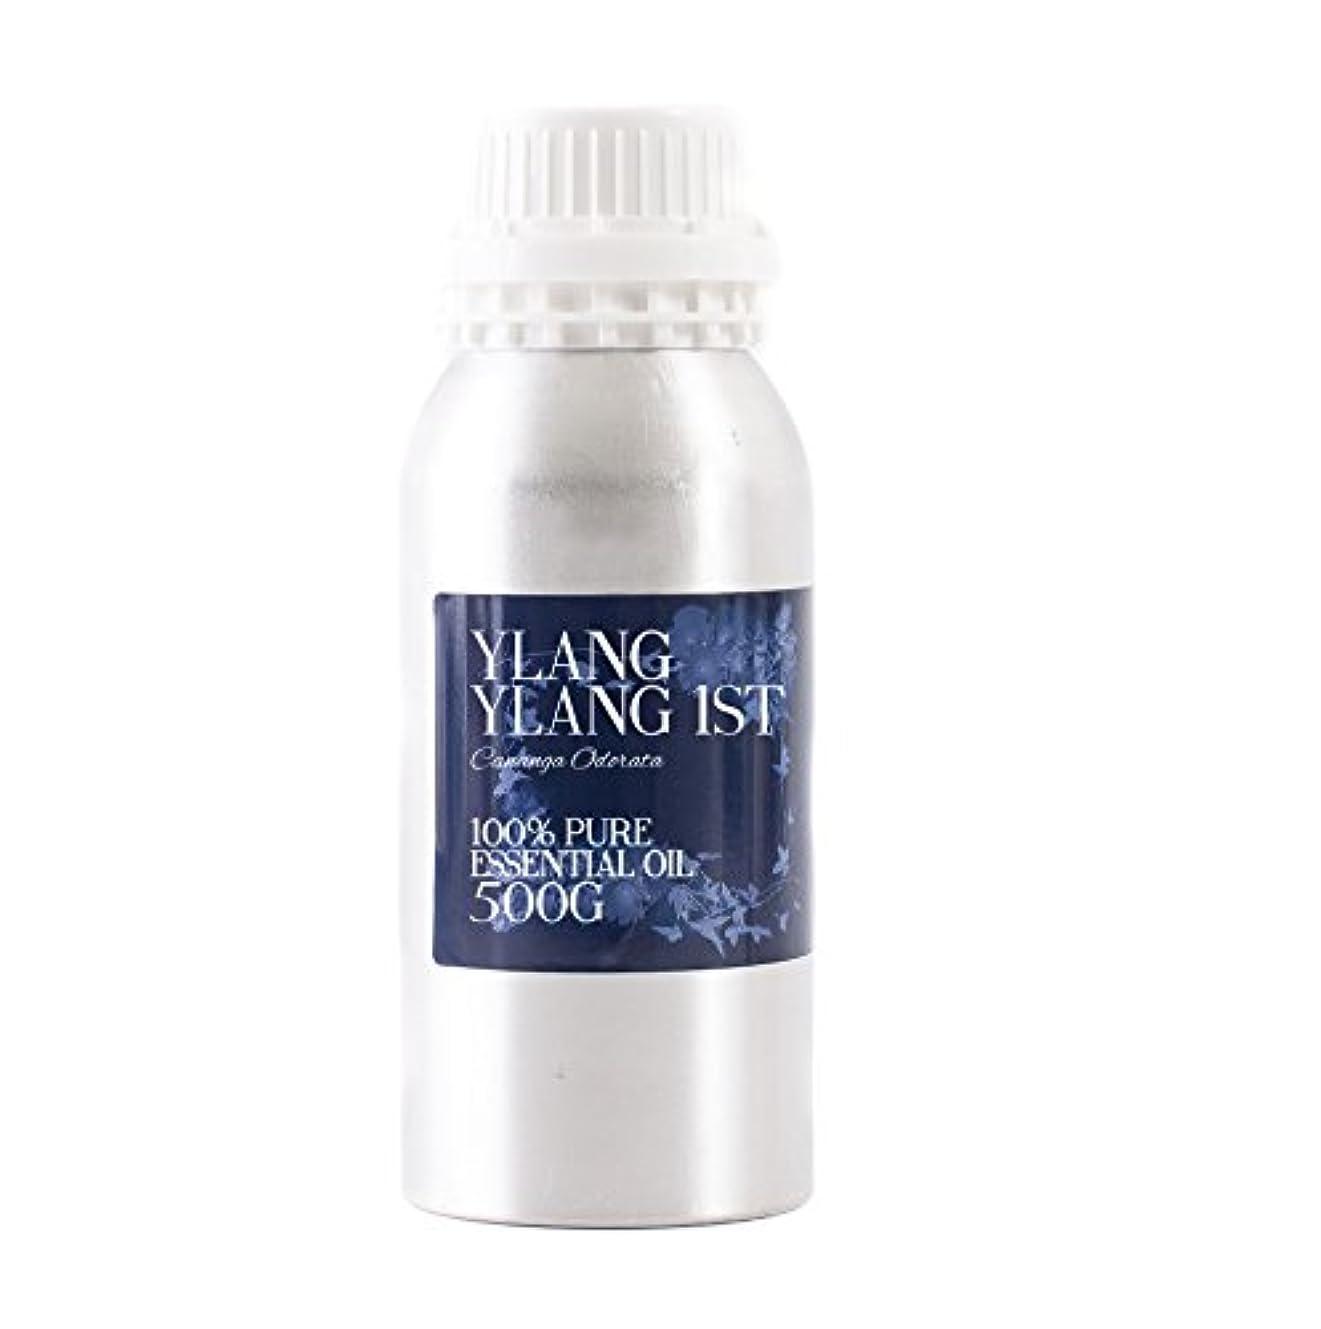 傾向ギャラントリー思慮のないMystic Moments   Ylang Ylang 1st Essential Oil - 500g - 100% Pure